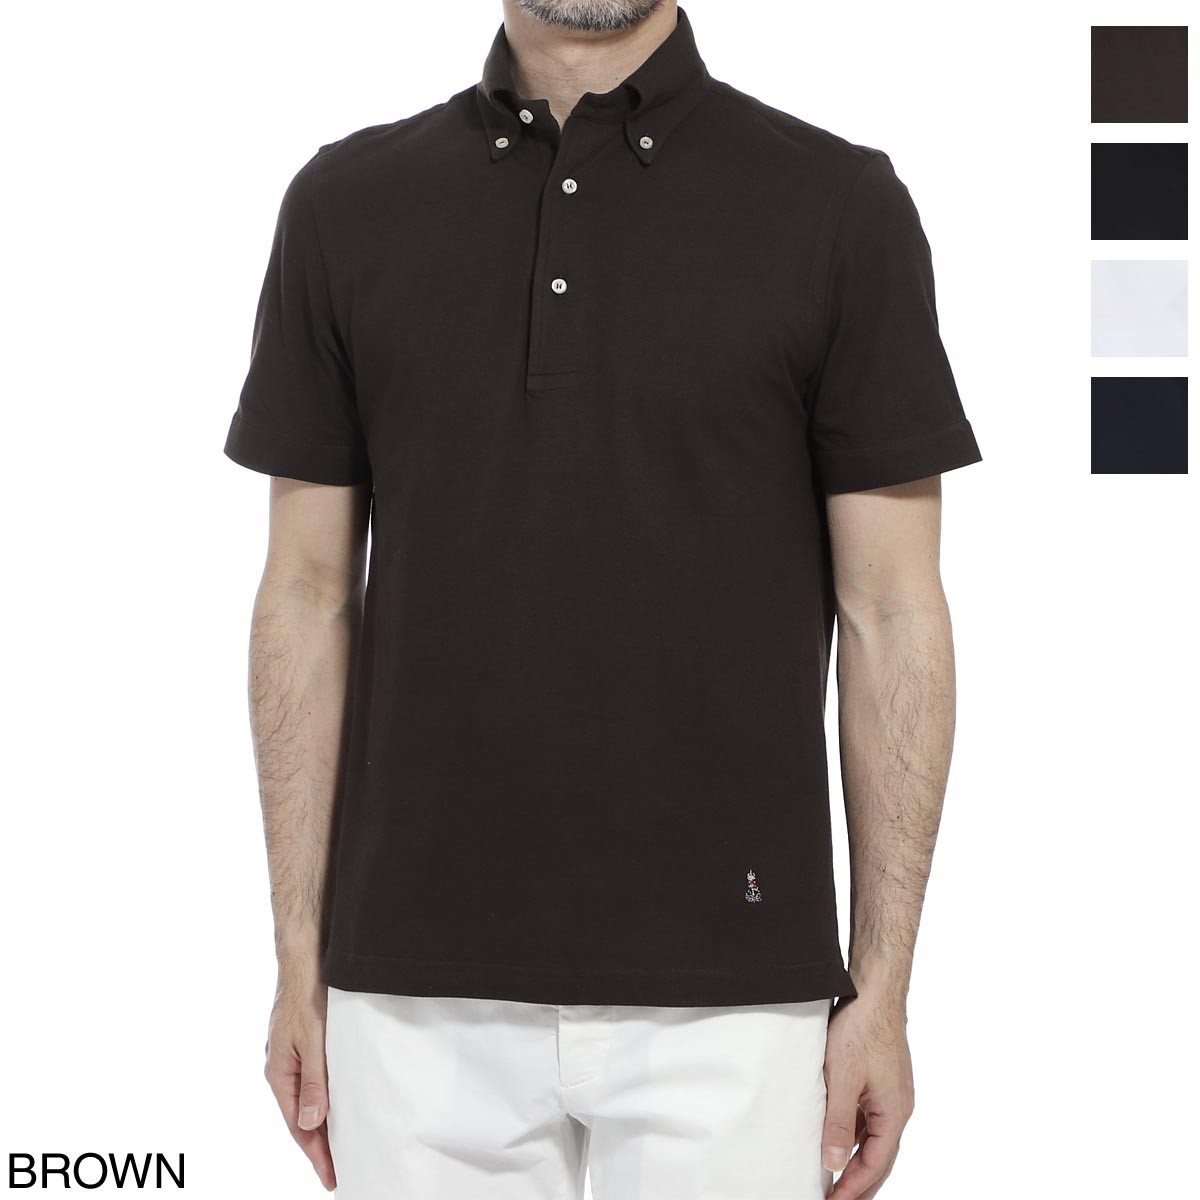 ギローバー GUY ROVER ボタンダウン ポロシャツ メンズ 2850pc224 501500 12【あす楽対応_関東】【返品送料無料】【ラッピング無料】